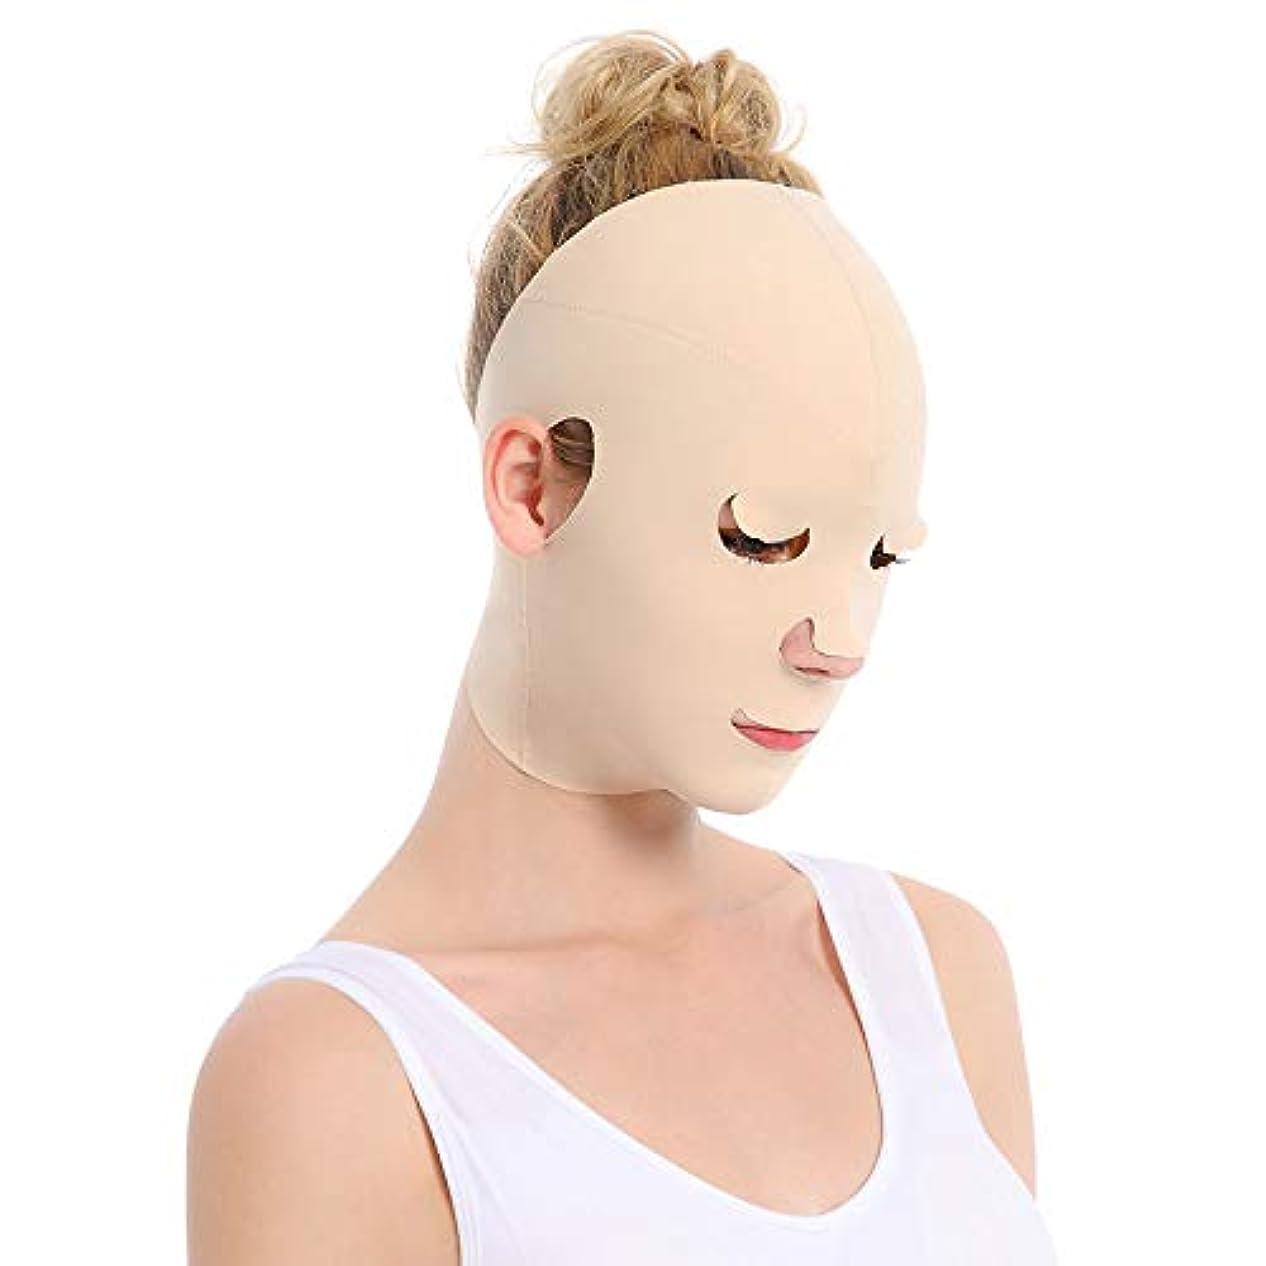 尊敬鳴らすむちゃくちゃ小さな顔ツールv顔包帯薄い顔美容マスク怠惰な睡眠マスク男性と女性のV顔包帯整形引き締め顔薄い二重あご